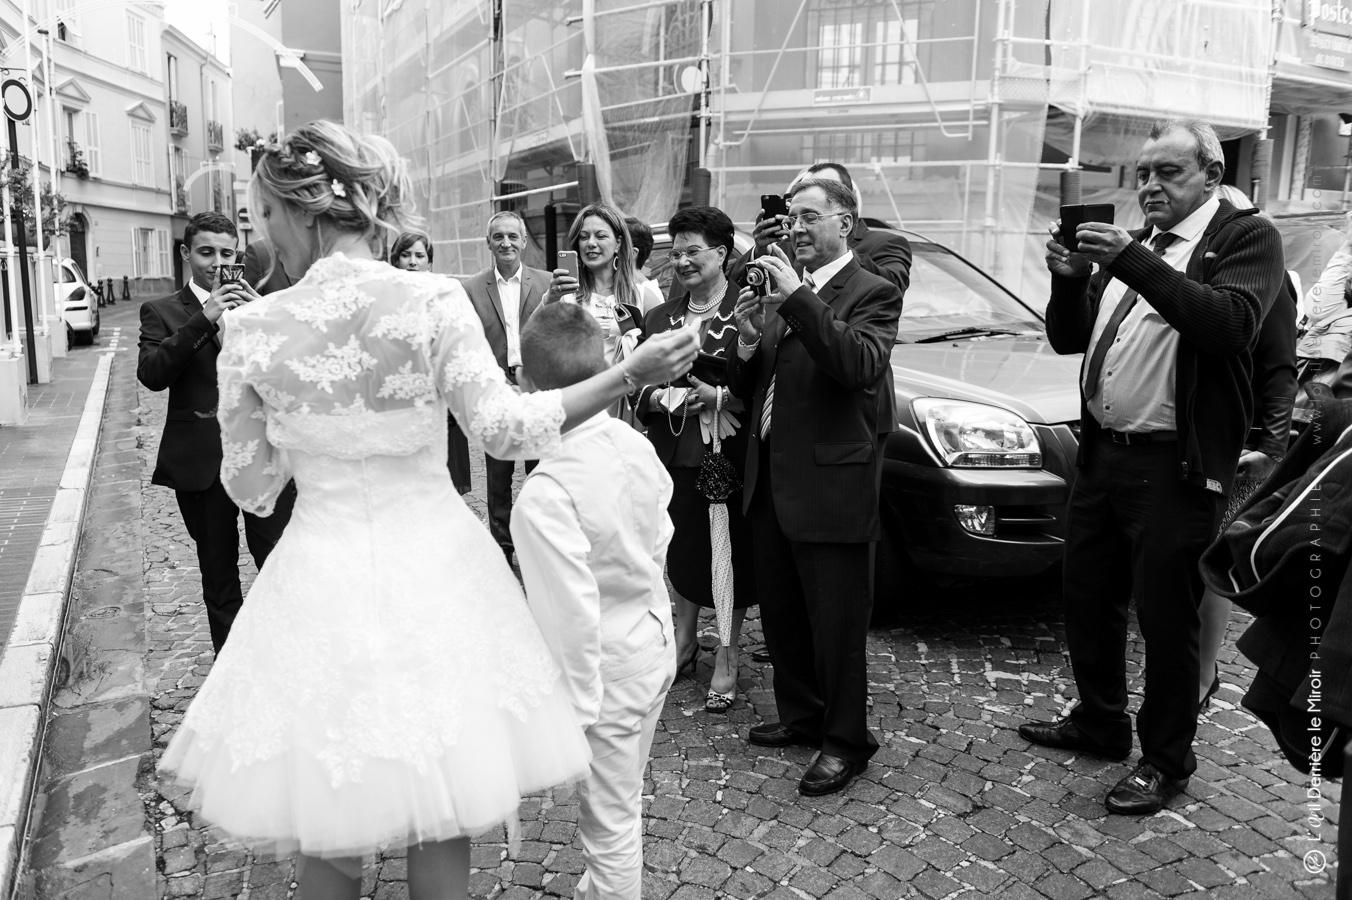 Photographe-mariage-monaco-loeilderrierelemiroir-011